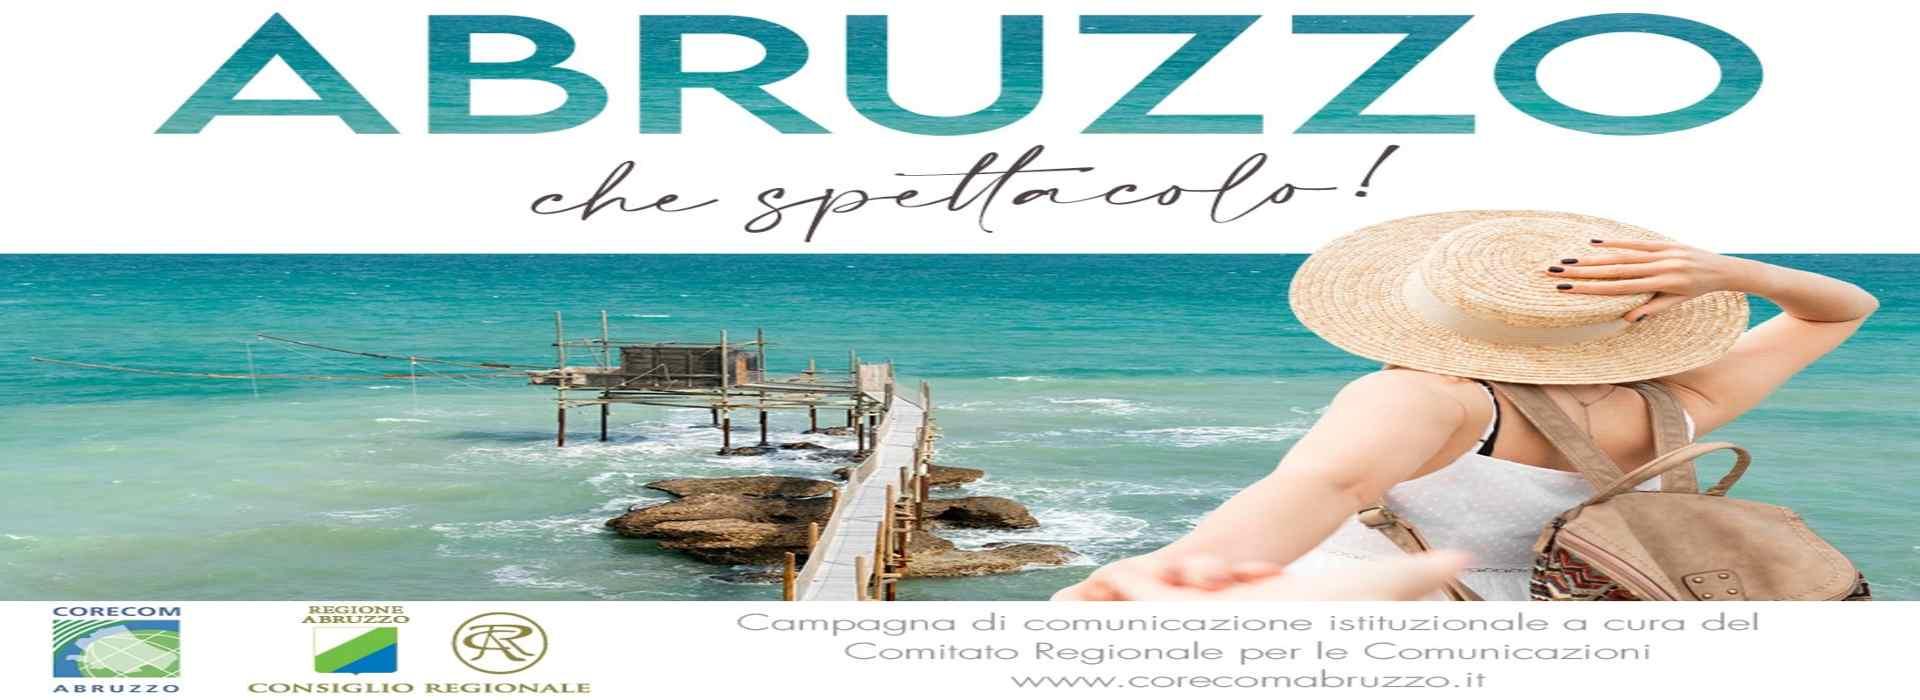 """""""Abruzzo che spettacolo"""": lo spot di 220mila euro che promuove l'Abruzzo...in Abruzzo"""